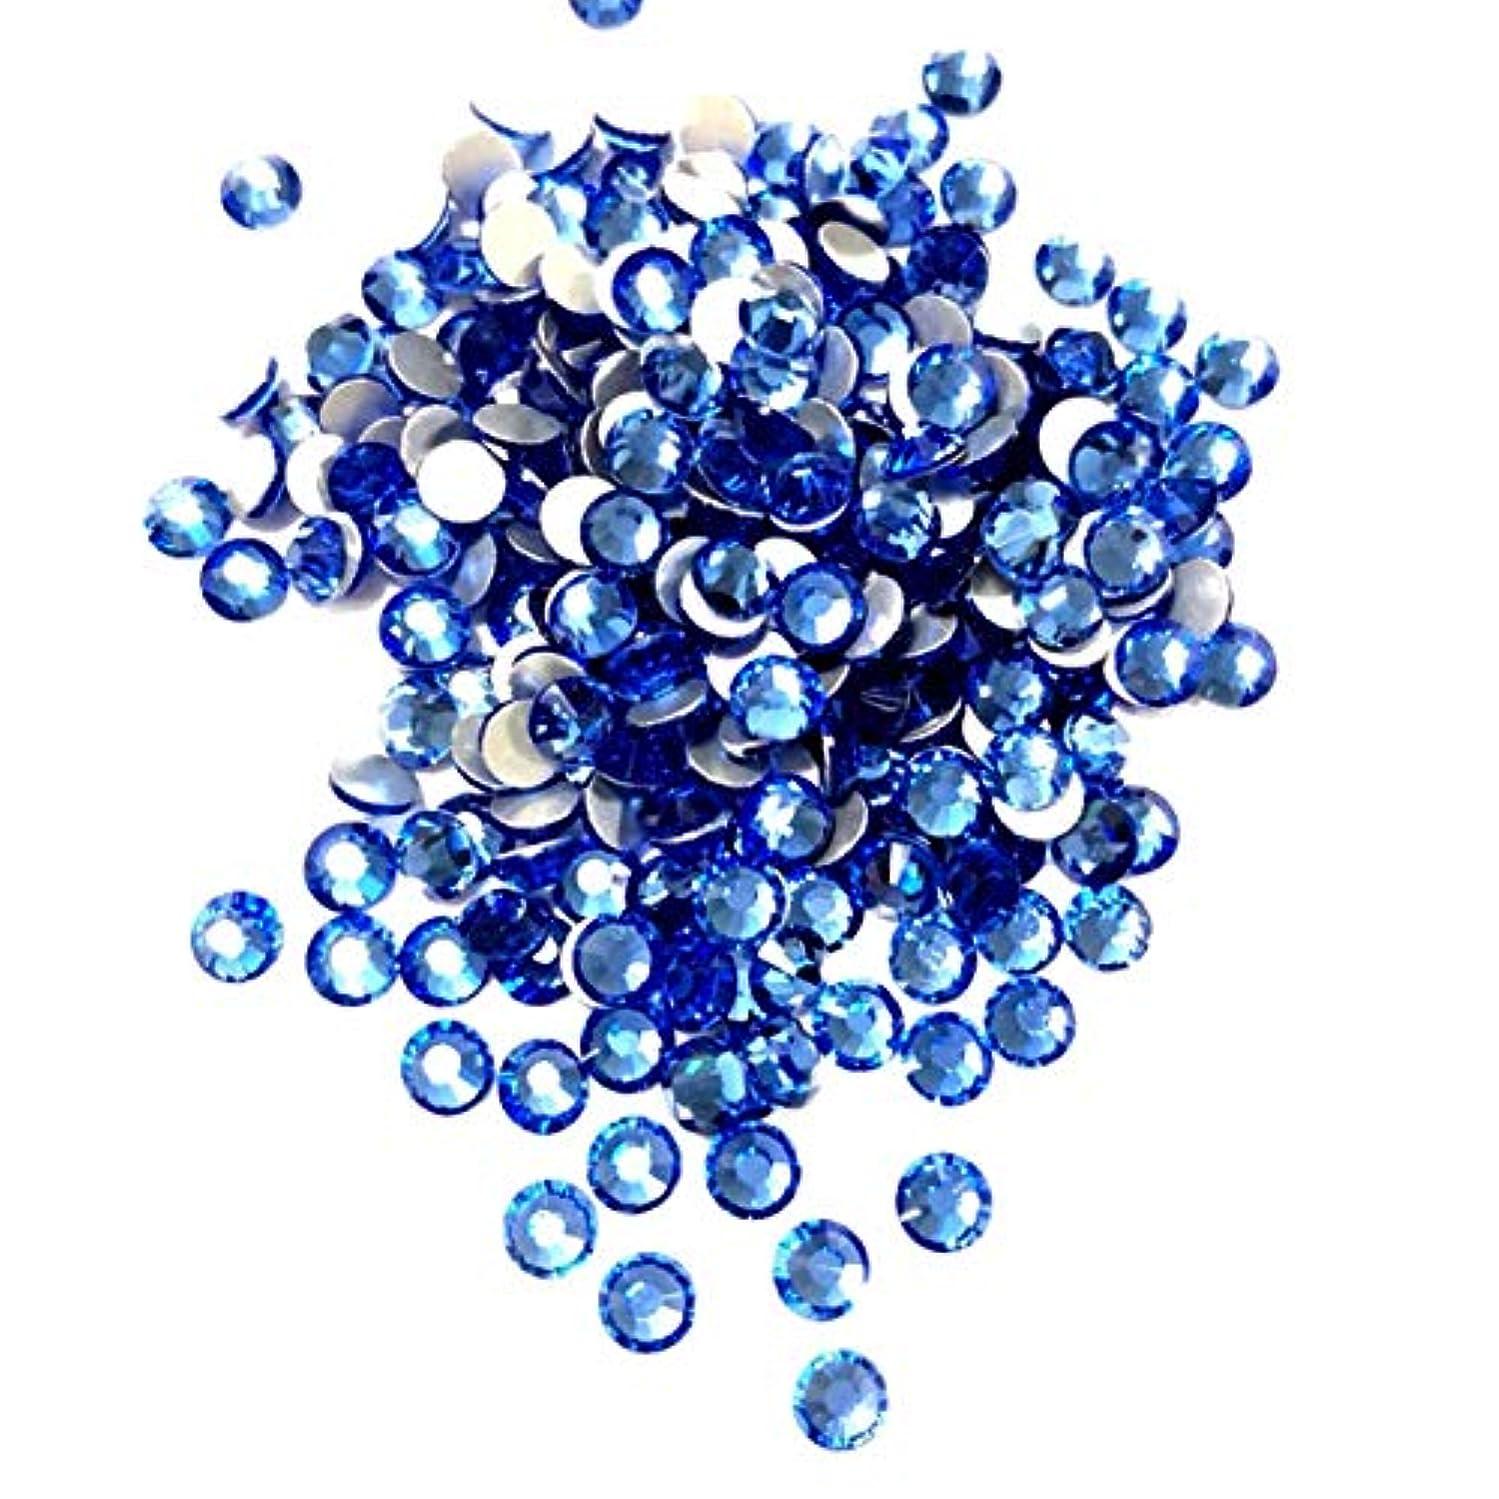 商標セットアップ精度【ネイルウーマン】最高品質ガラスストーン!スワロ同等の輝き! ライトサファイア ブルー 水色 (約100粒入り) (ライトサファイア) (SS8, ライトサファイア)